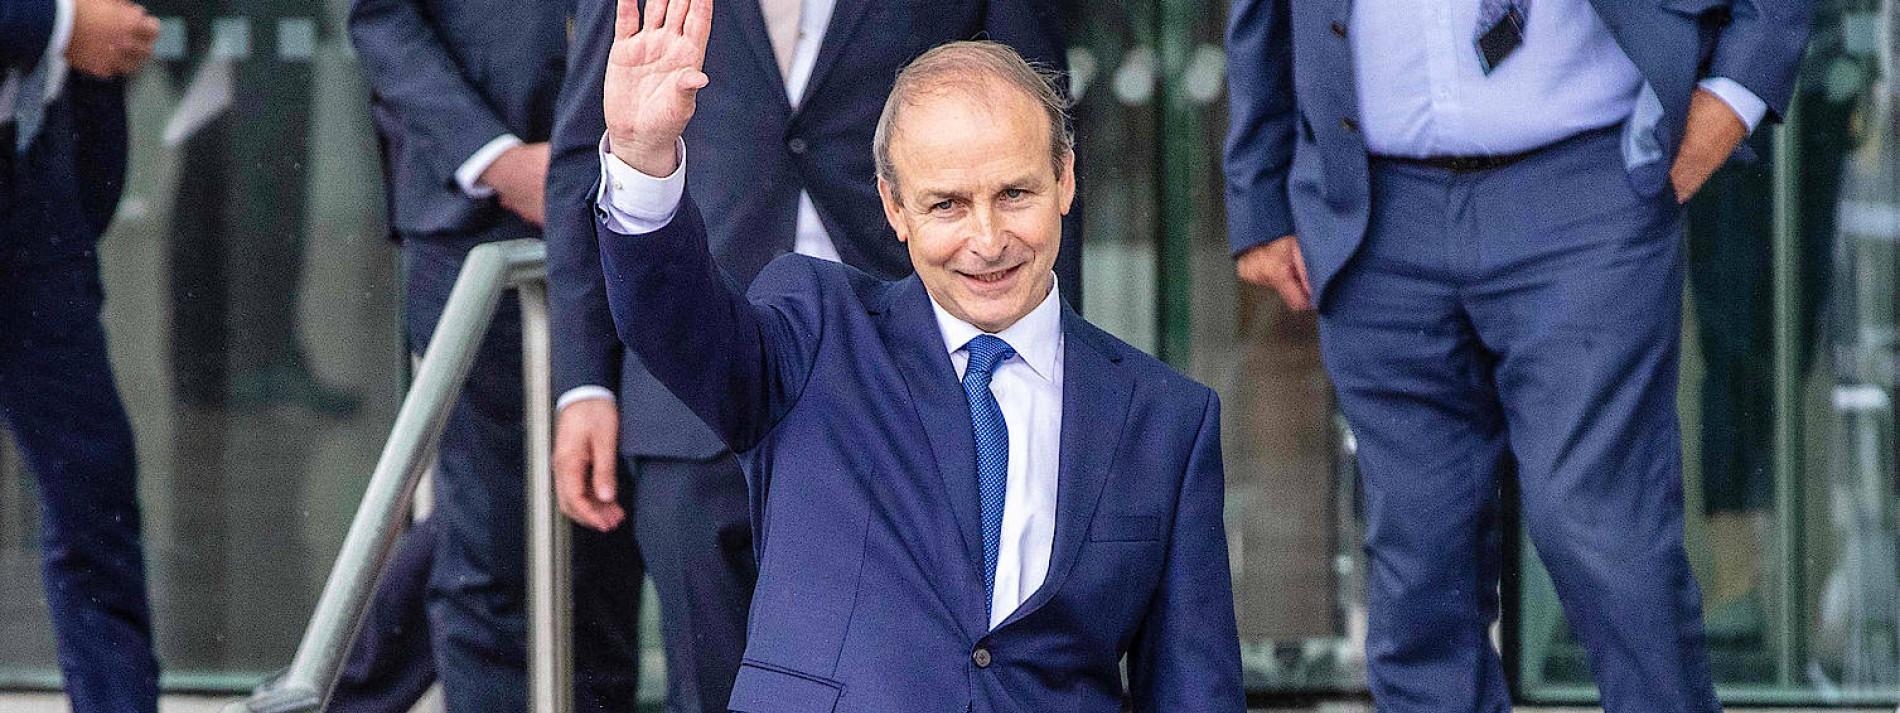 Irlands Parlament wählt Micheal Martin zum Premierminister